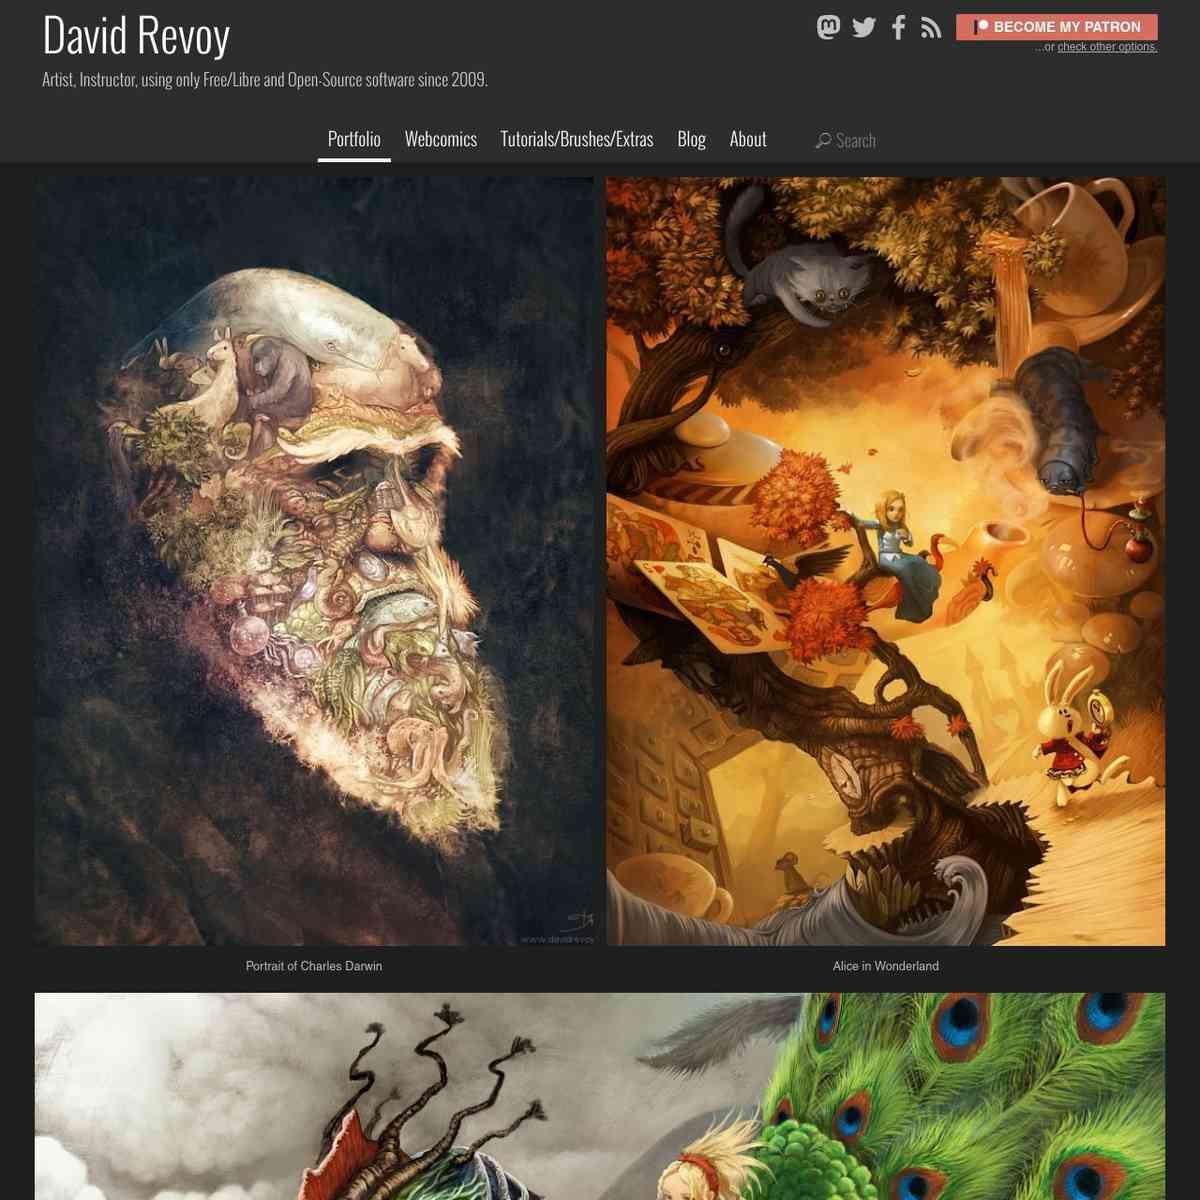 Portfolio - David Revoy